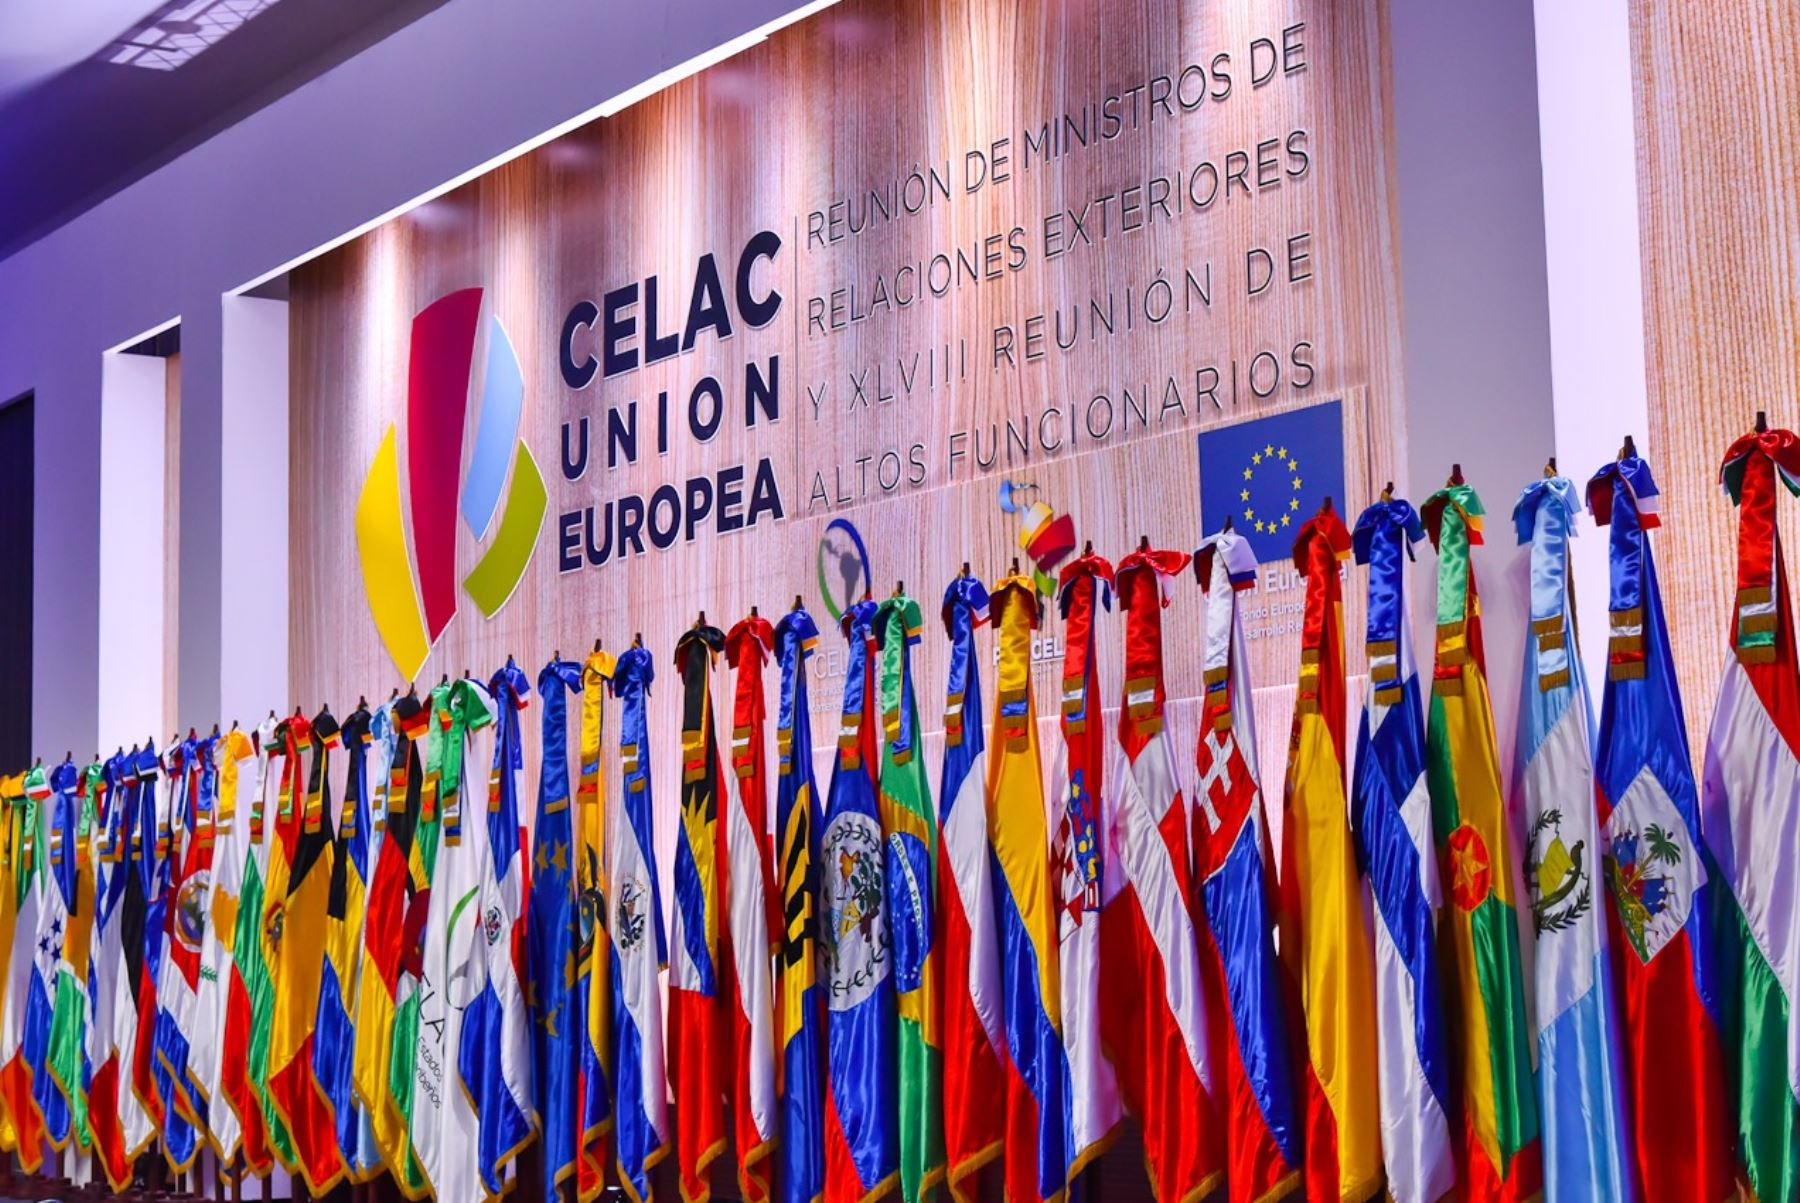 Celac, Unión Europea, El Salvador